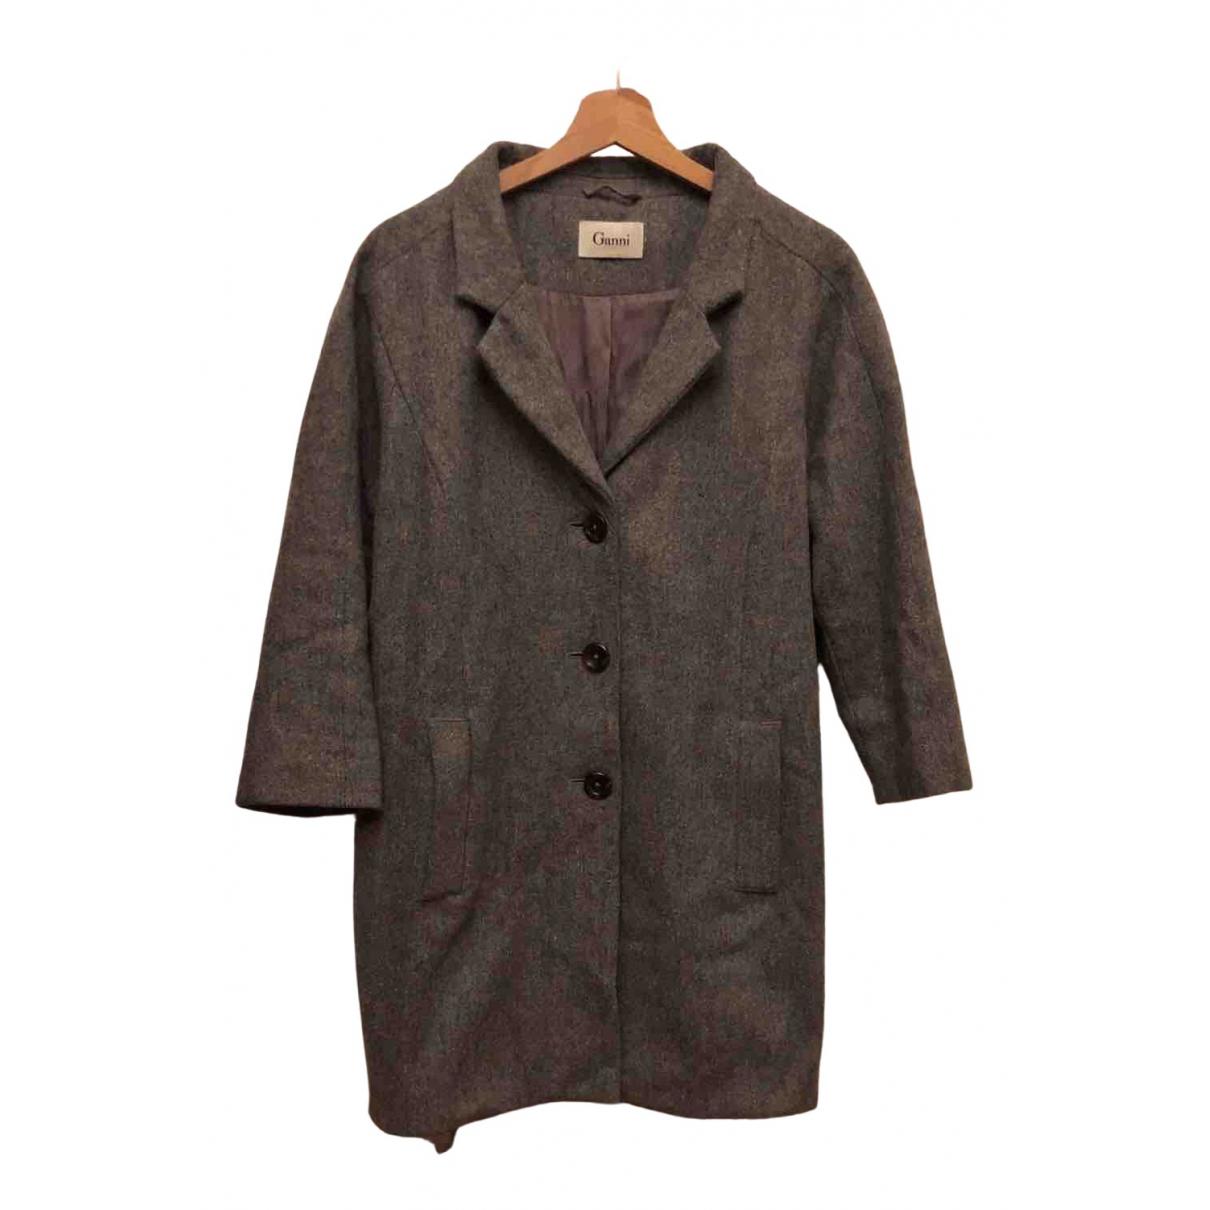 Ganni - Manteau   pour femme en laine - gris